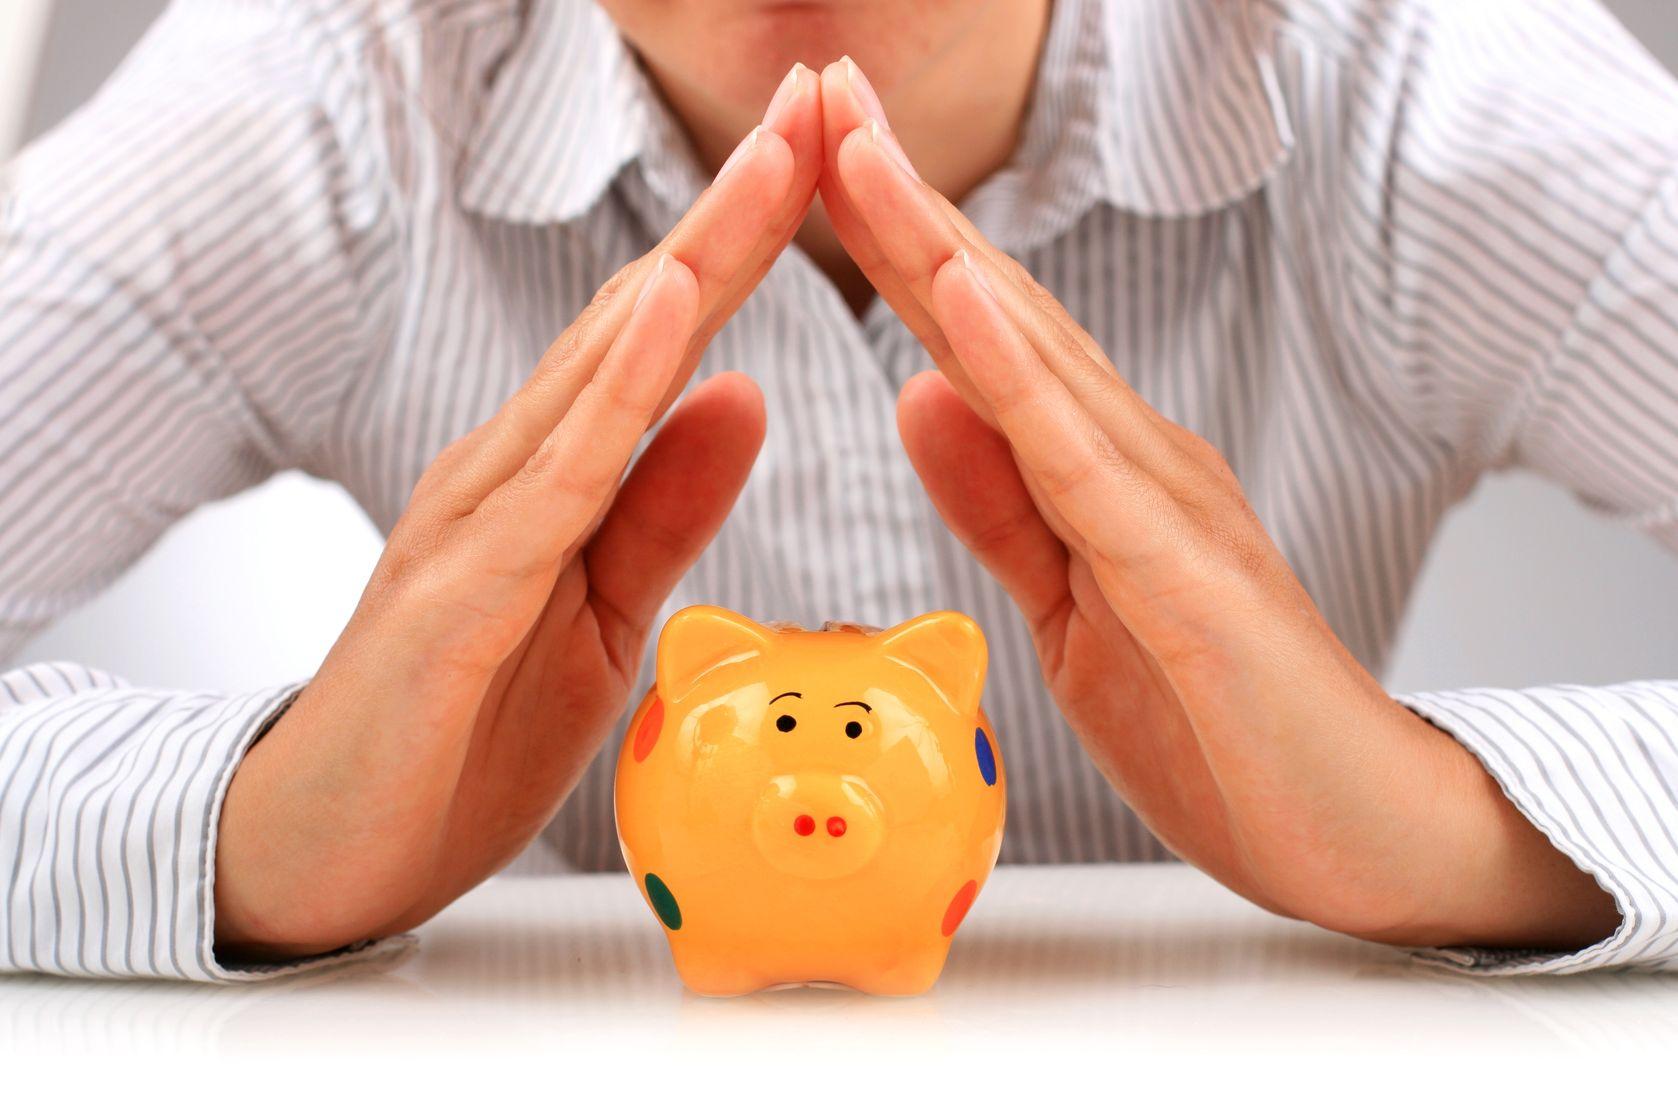 Depozitlər vaxtından əvvəl çıxarıldıqda nə baş verir?